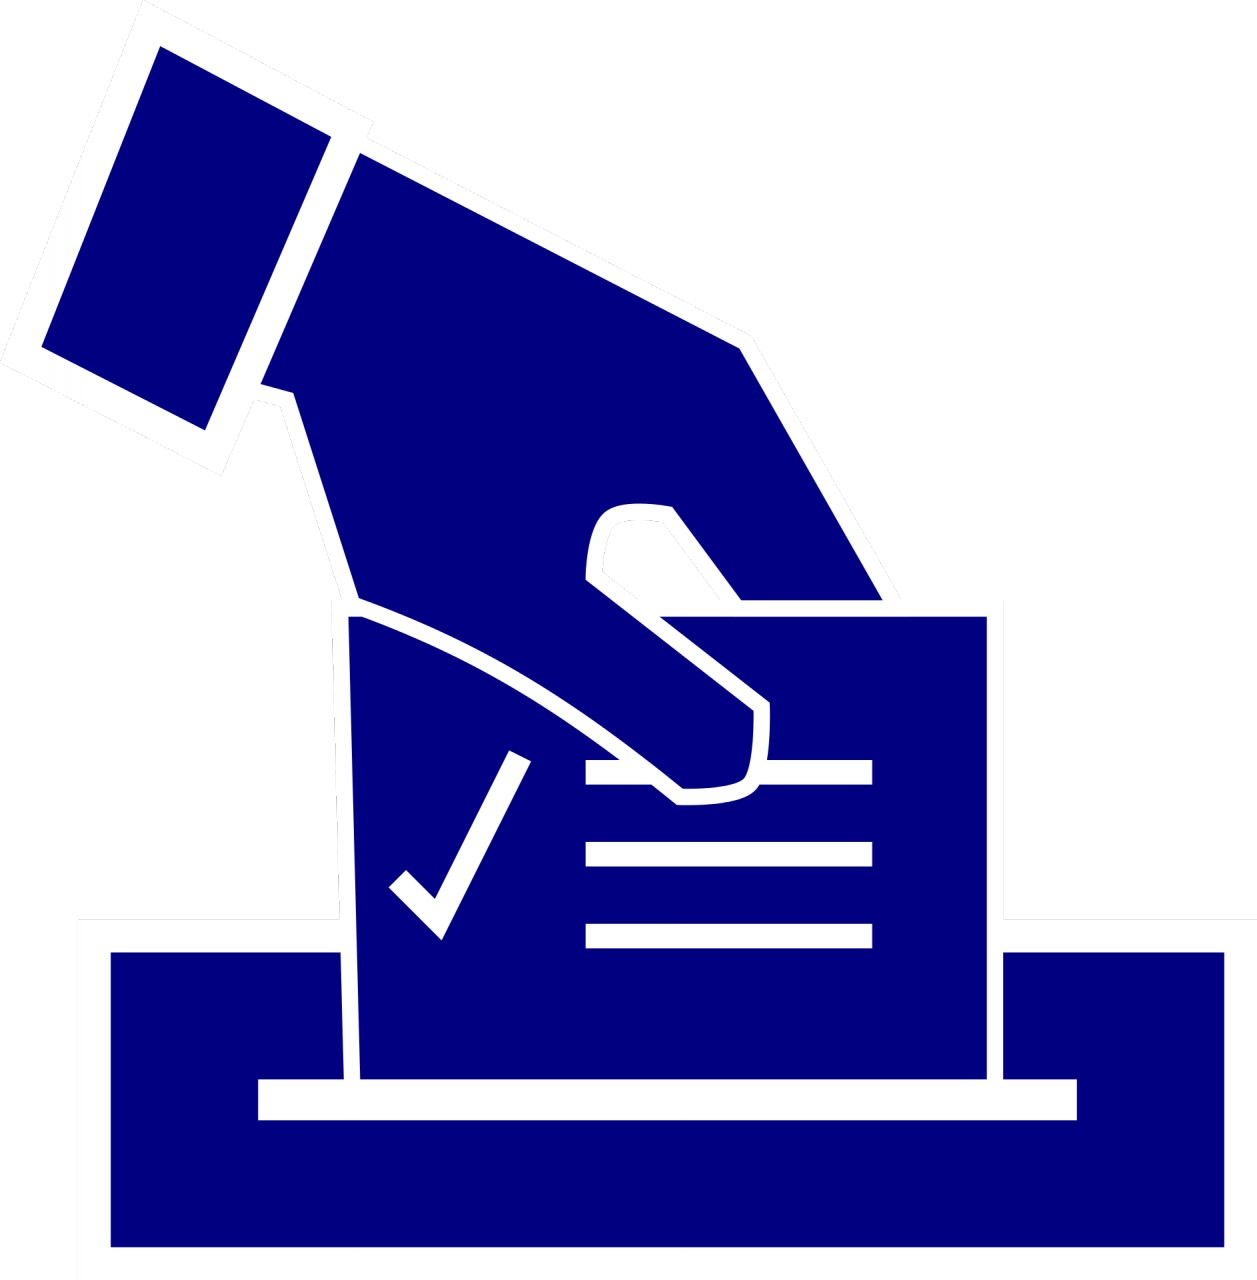 ВЫБОРЫ-2016: экономичный энтузиазм в избирательной апатии